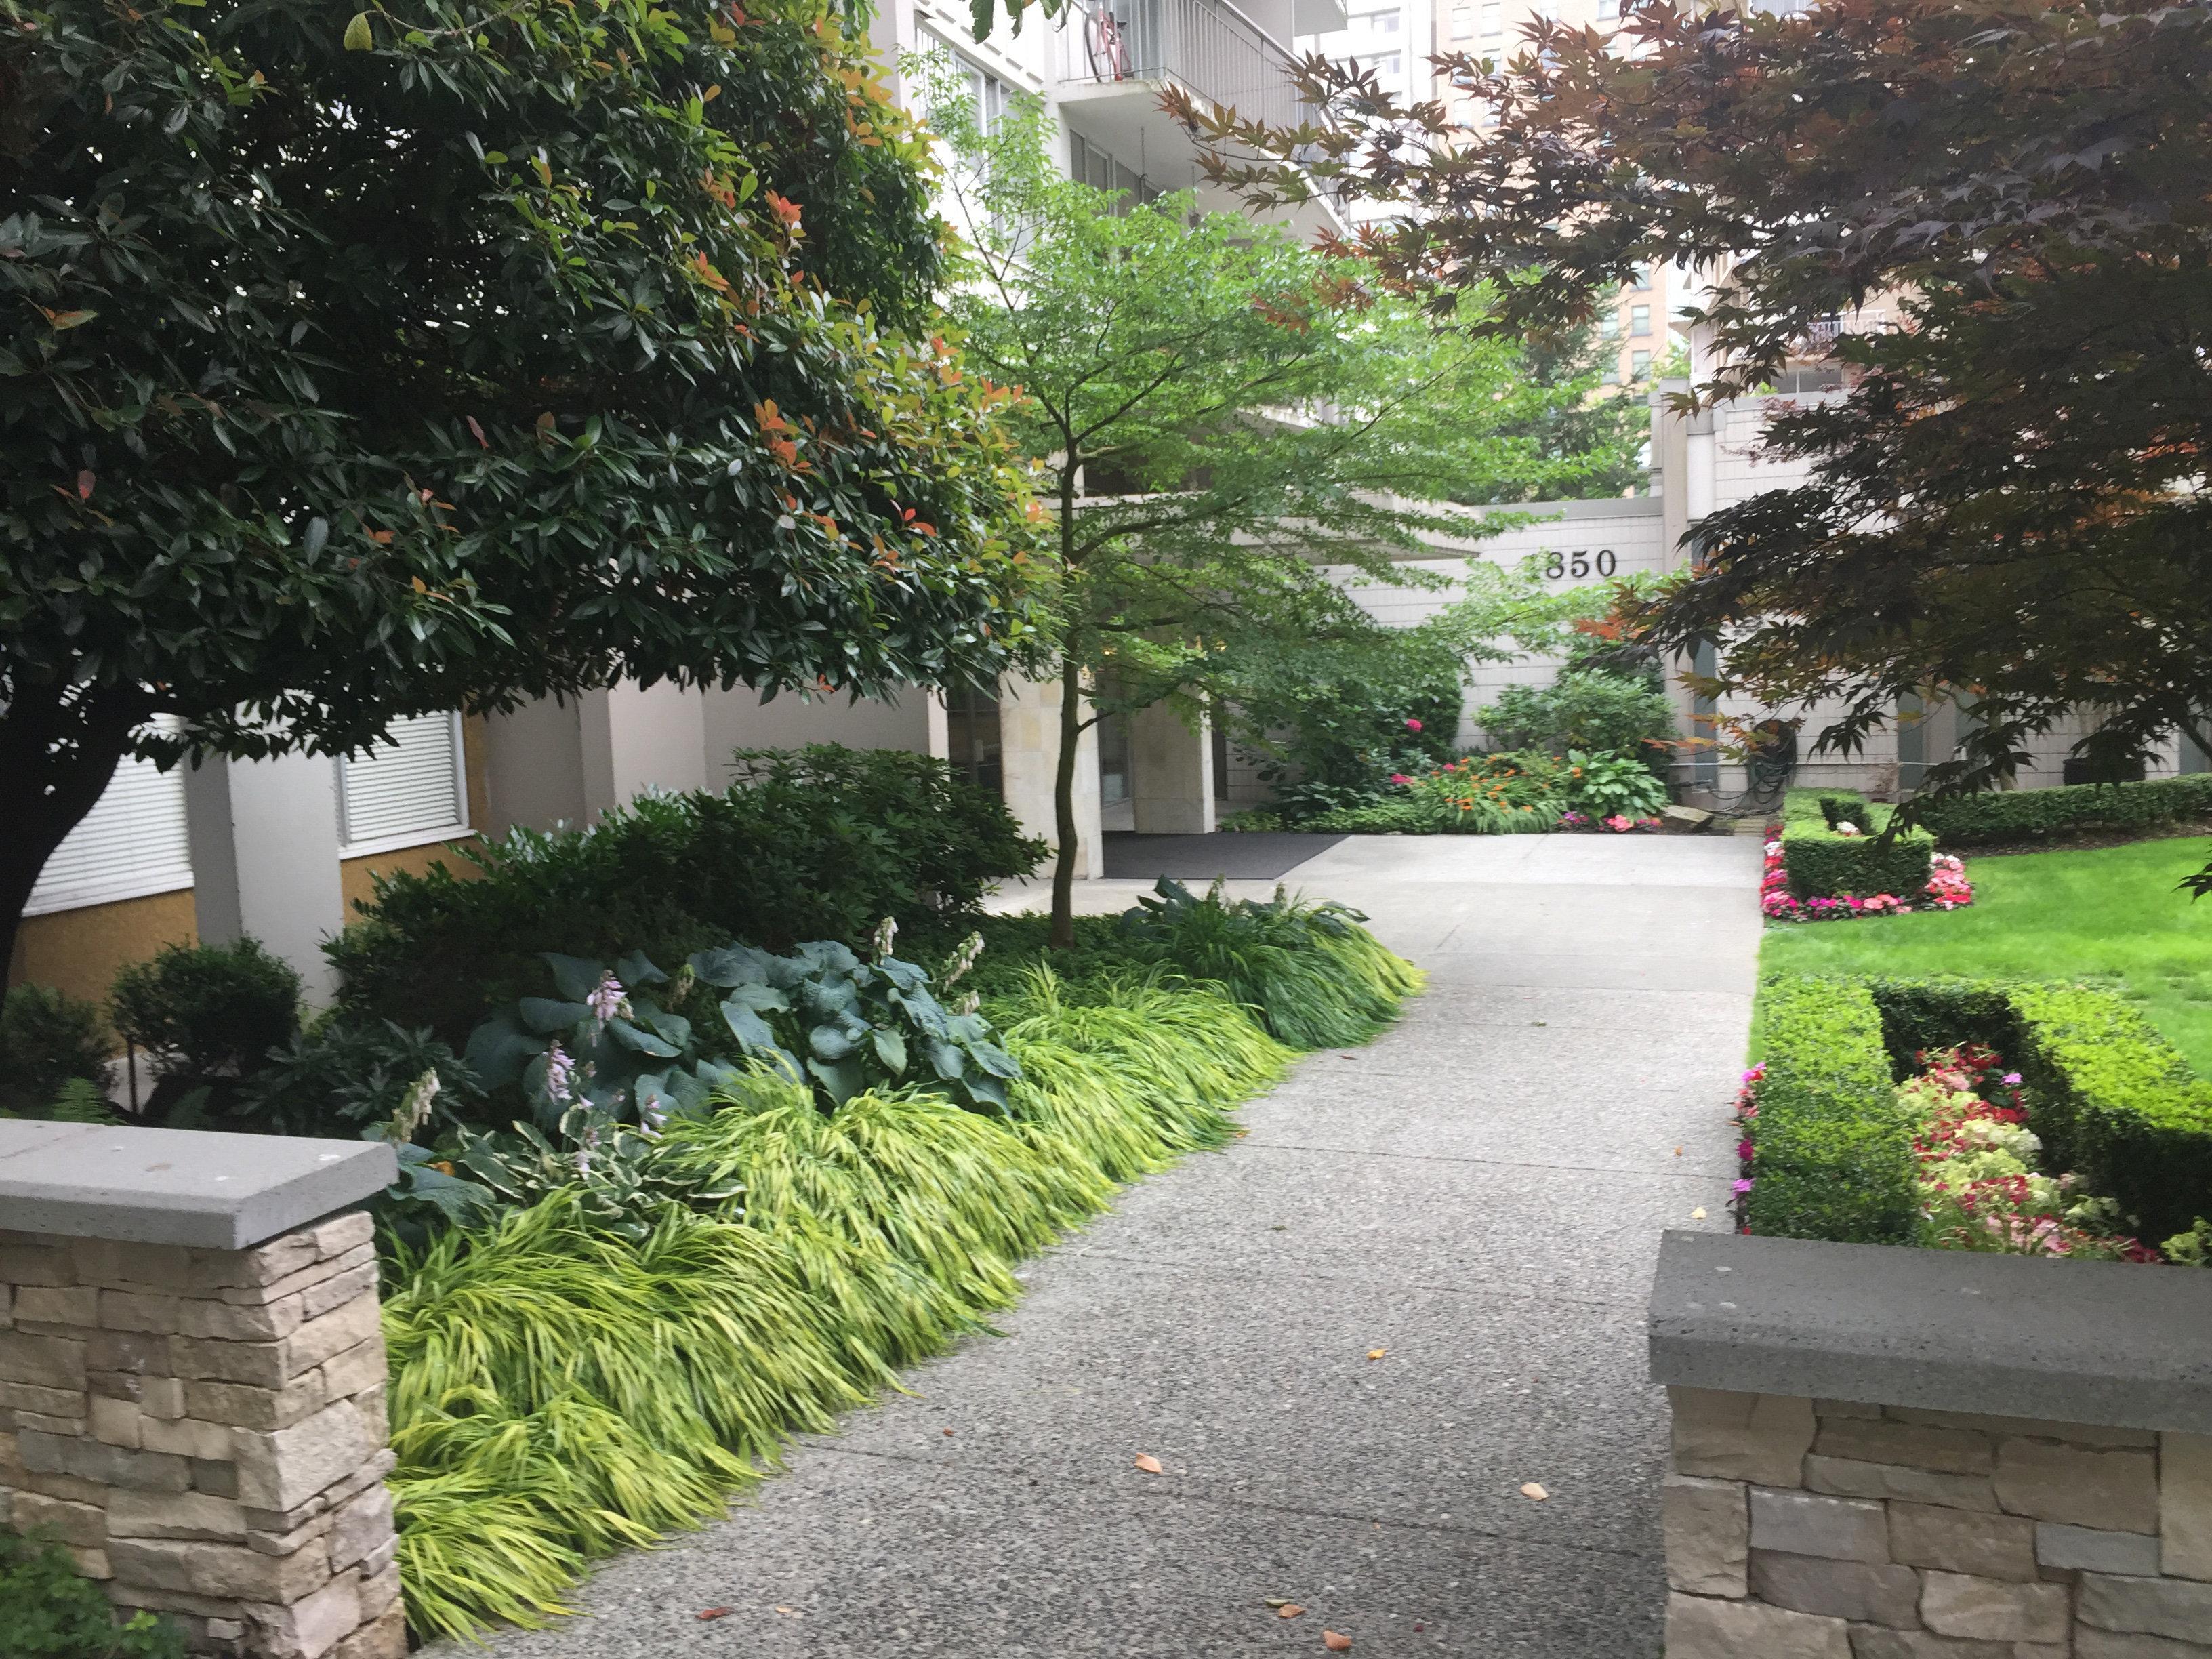 1850comox-Entrance Walkway!